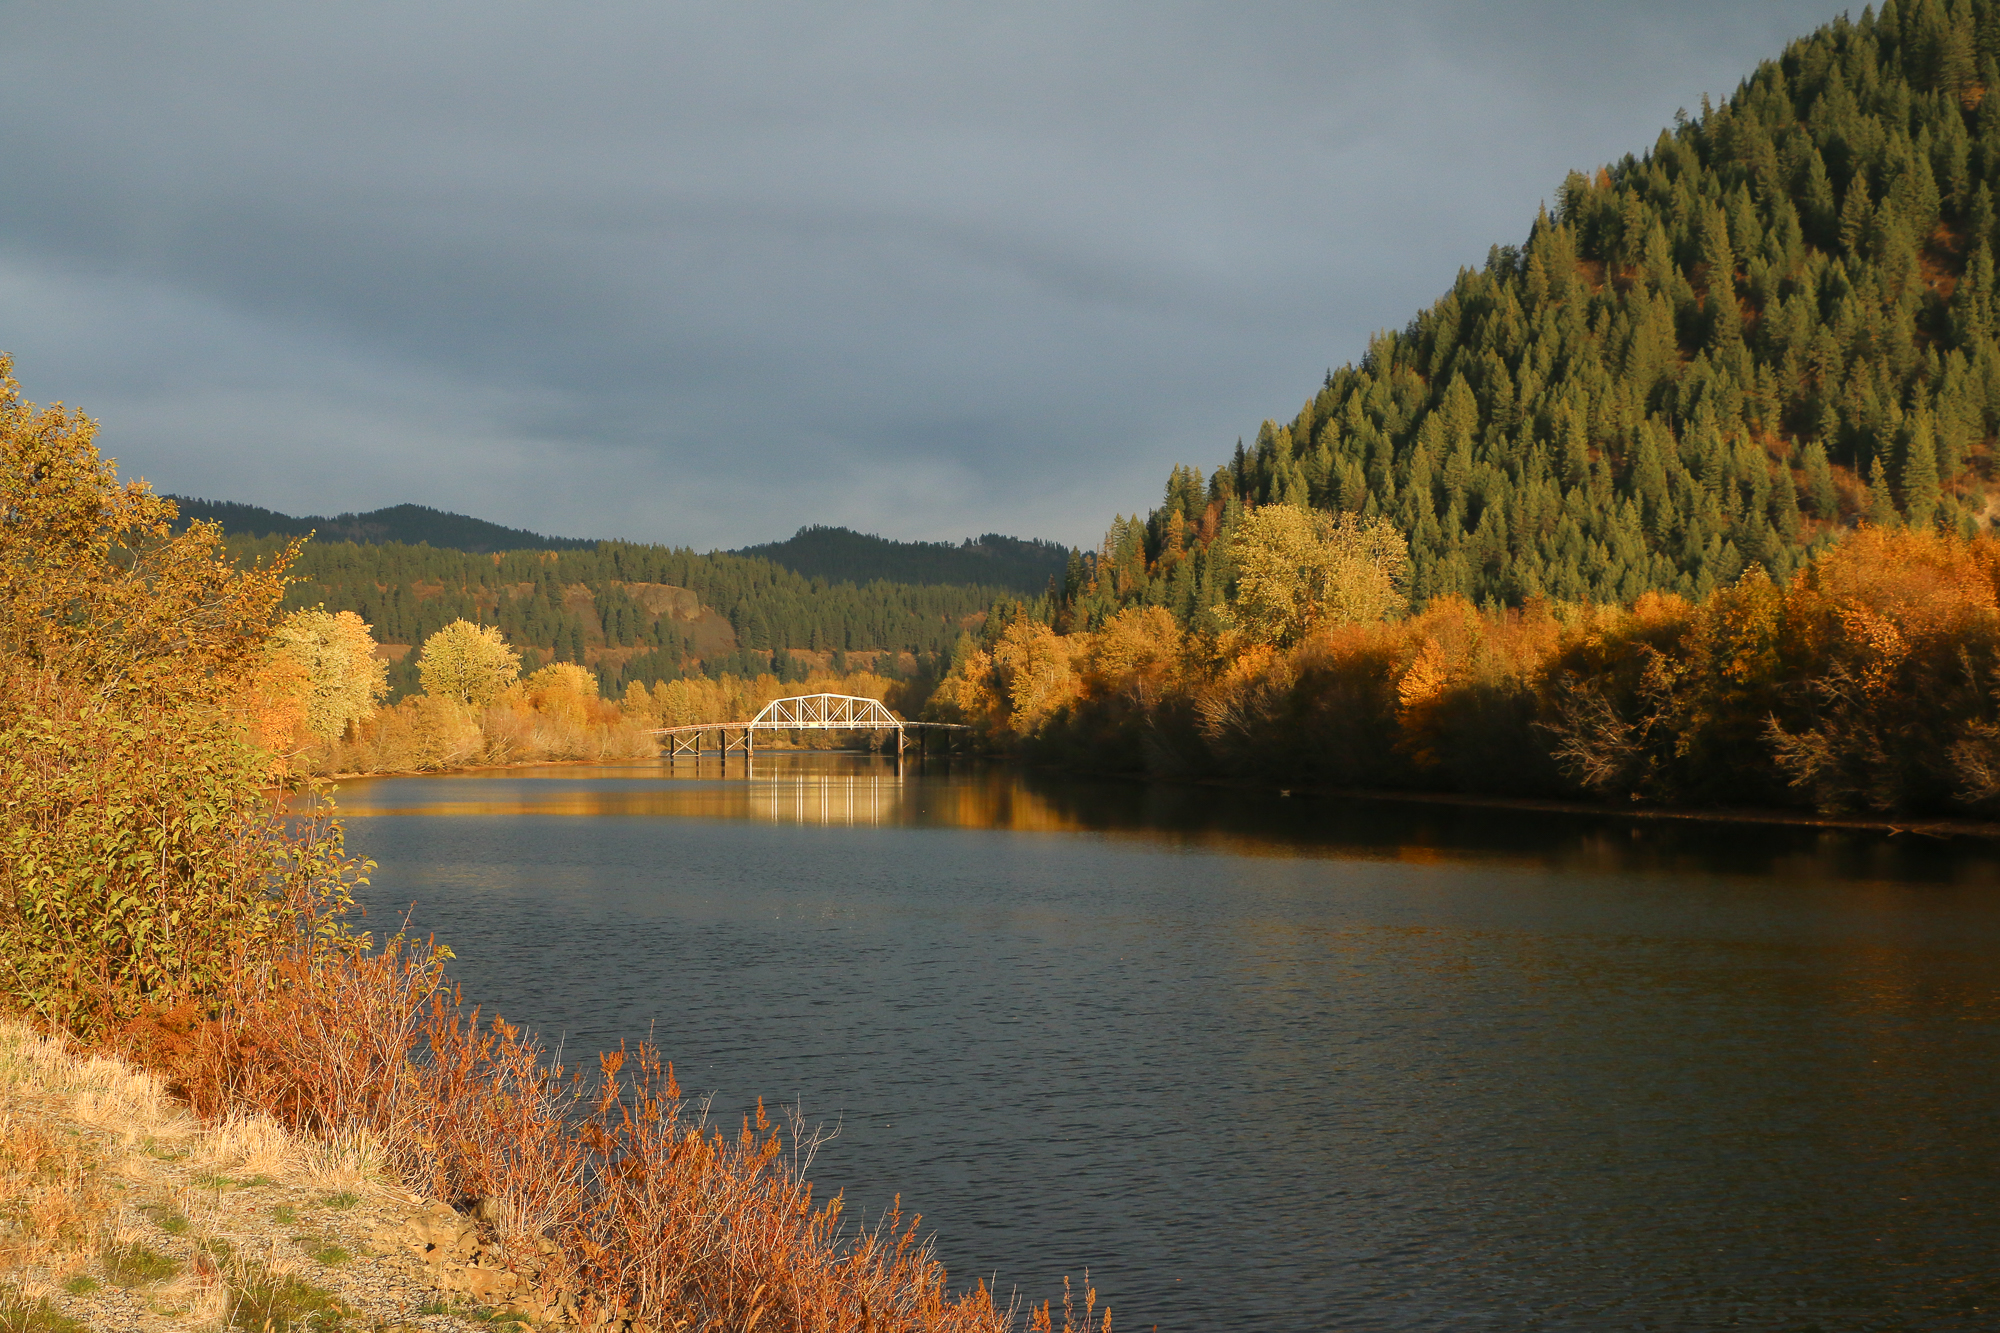 Coeurd'Alene River